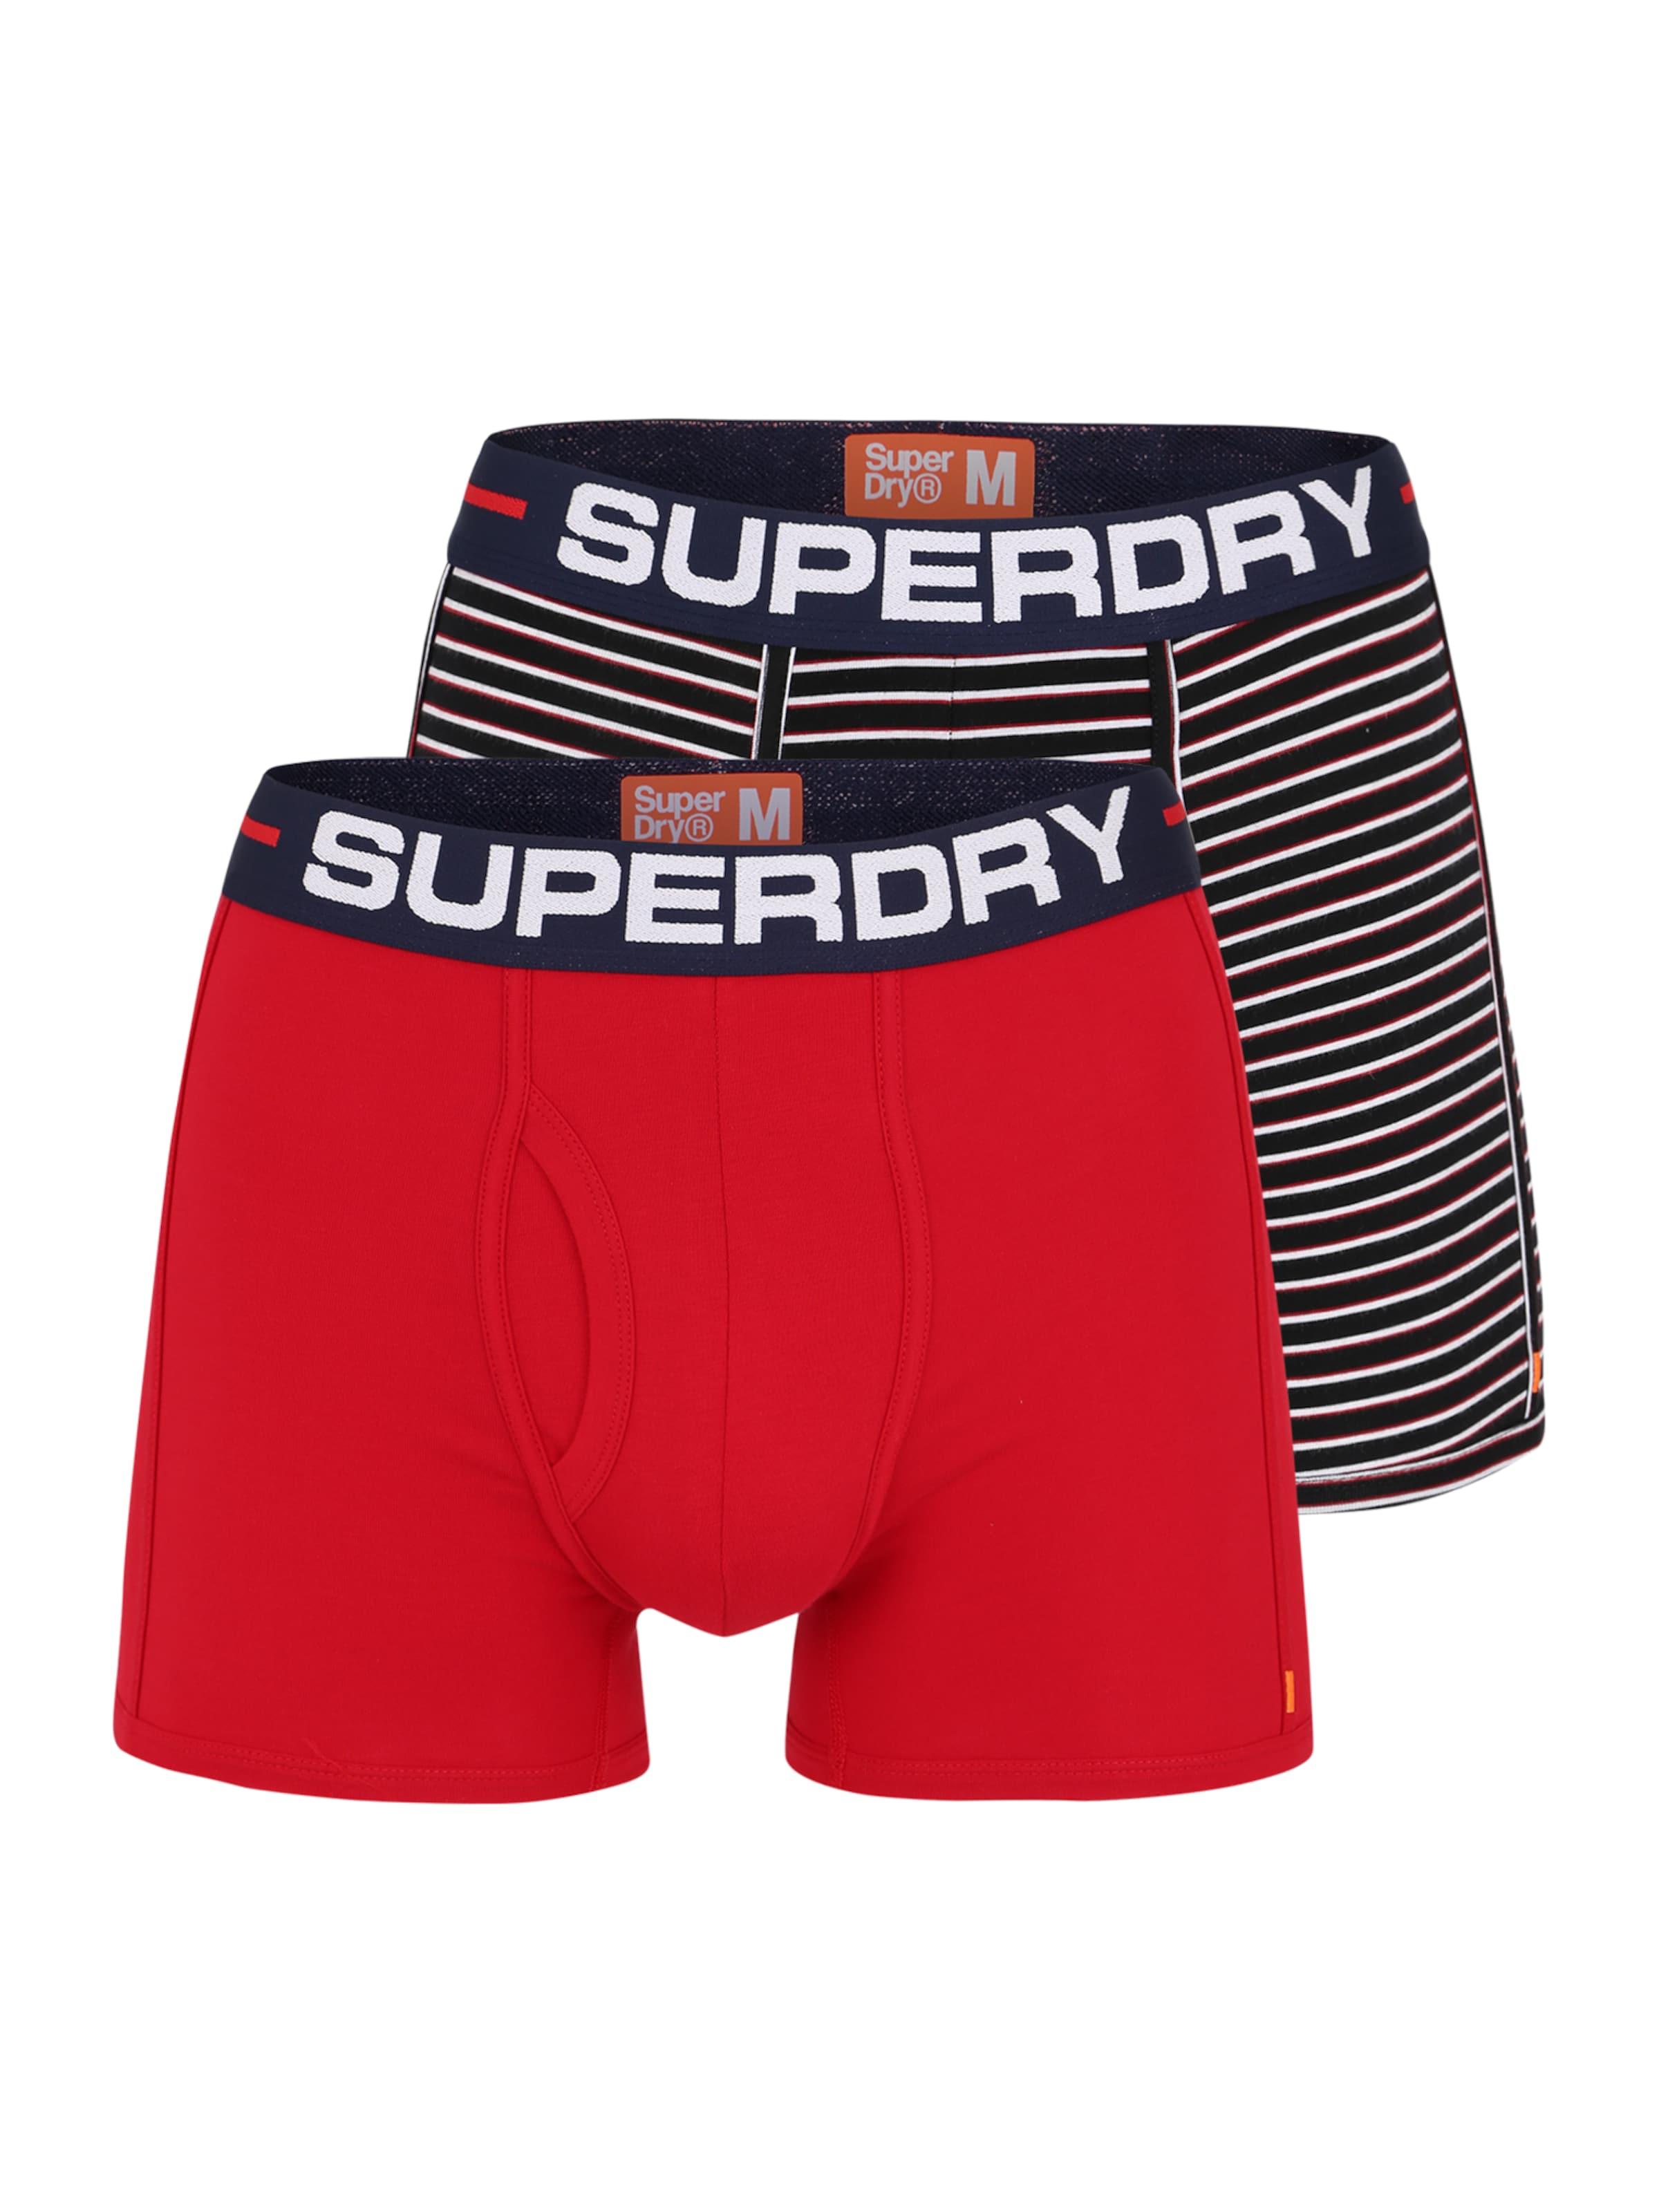 Boxers En BleuRouge Blanc Superdry Boxers En BleuRouge Superdry 9IYDH2WE